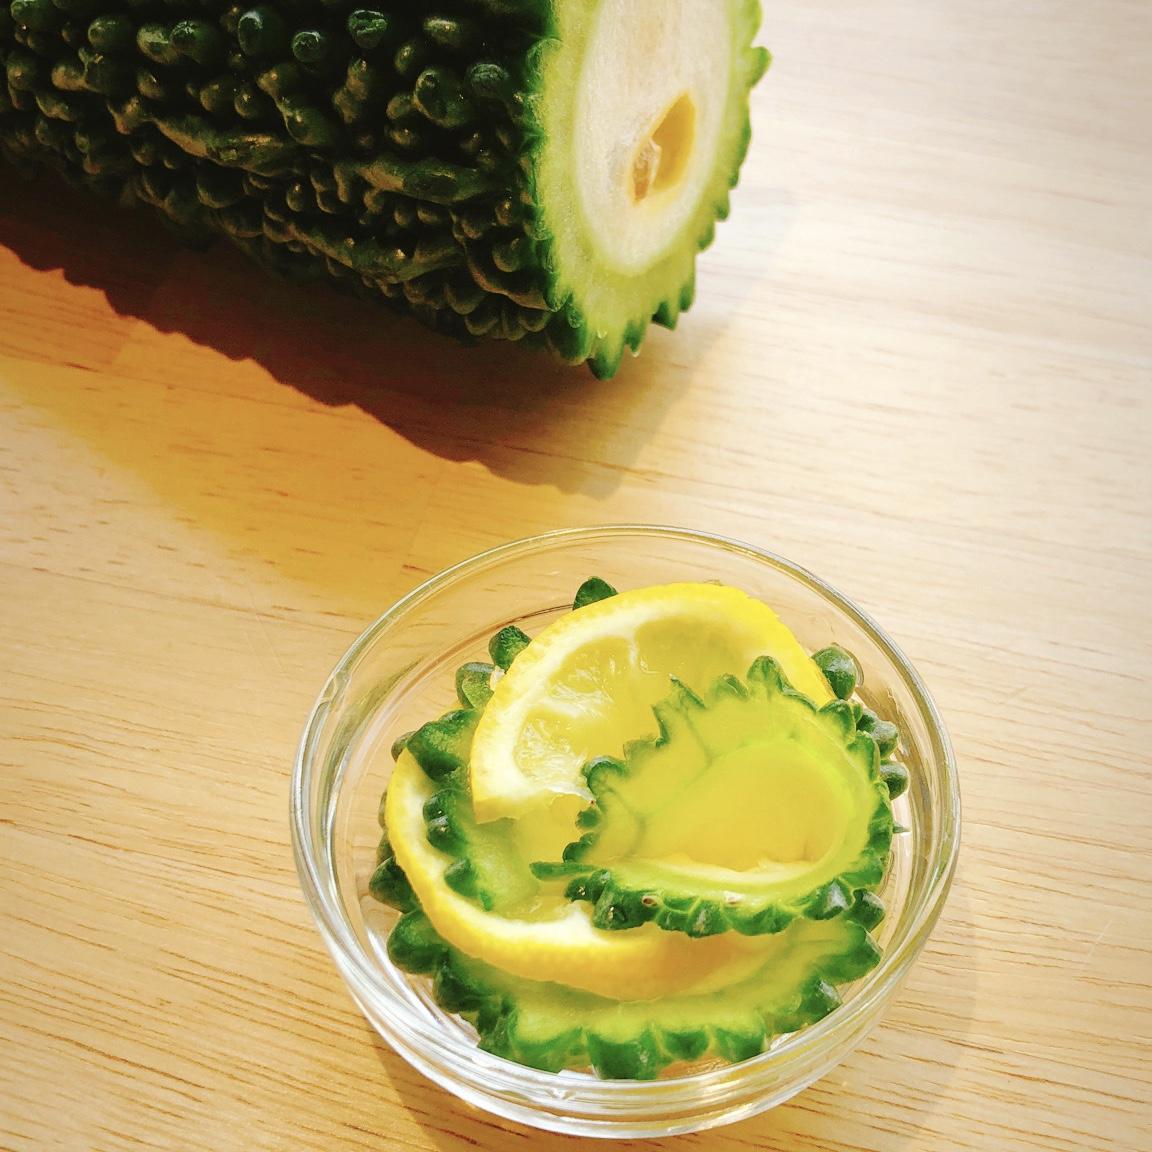 シンプルな味わいが楽しめるゴーヤとレモンのサラダ